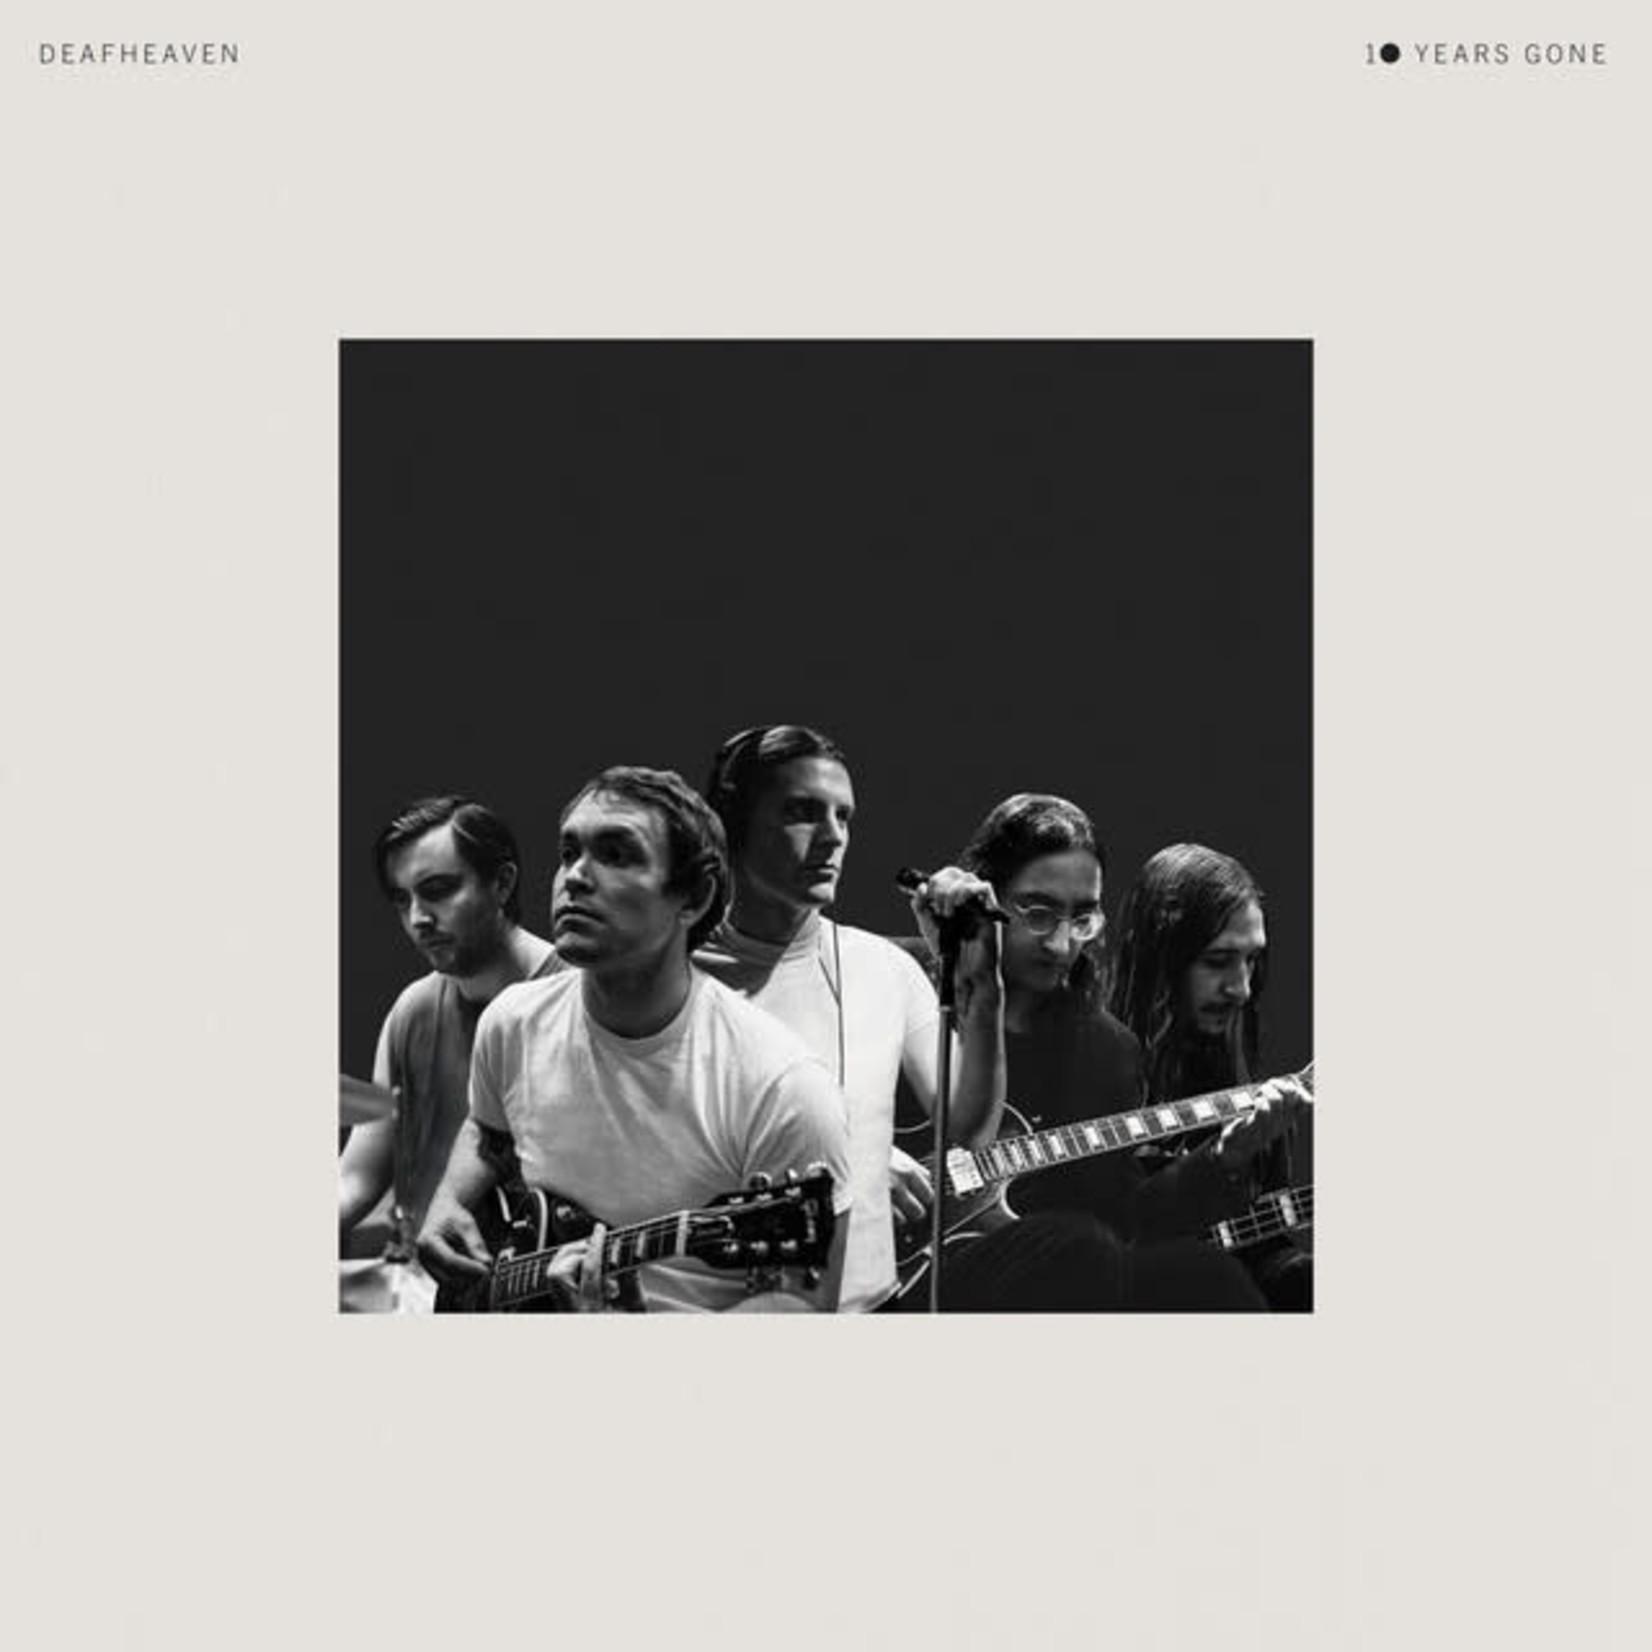 Vinyl Deafheaven - 10 Years Gone